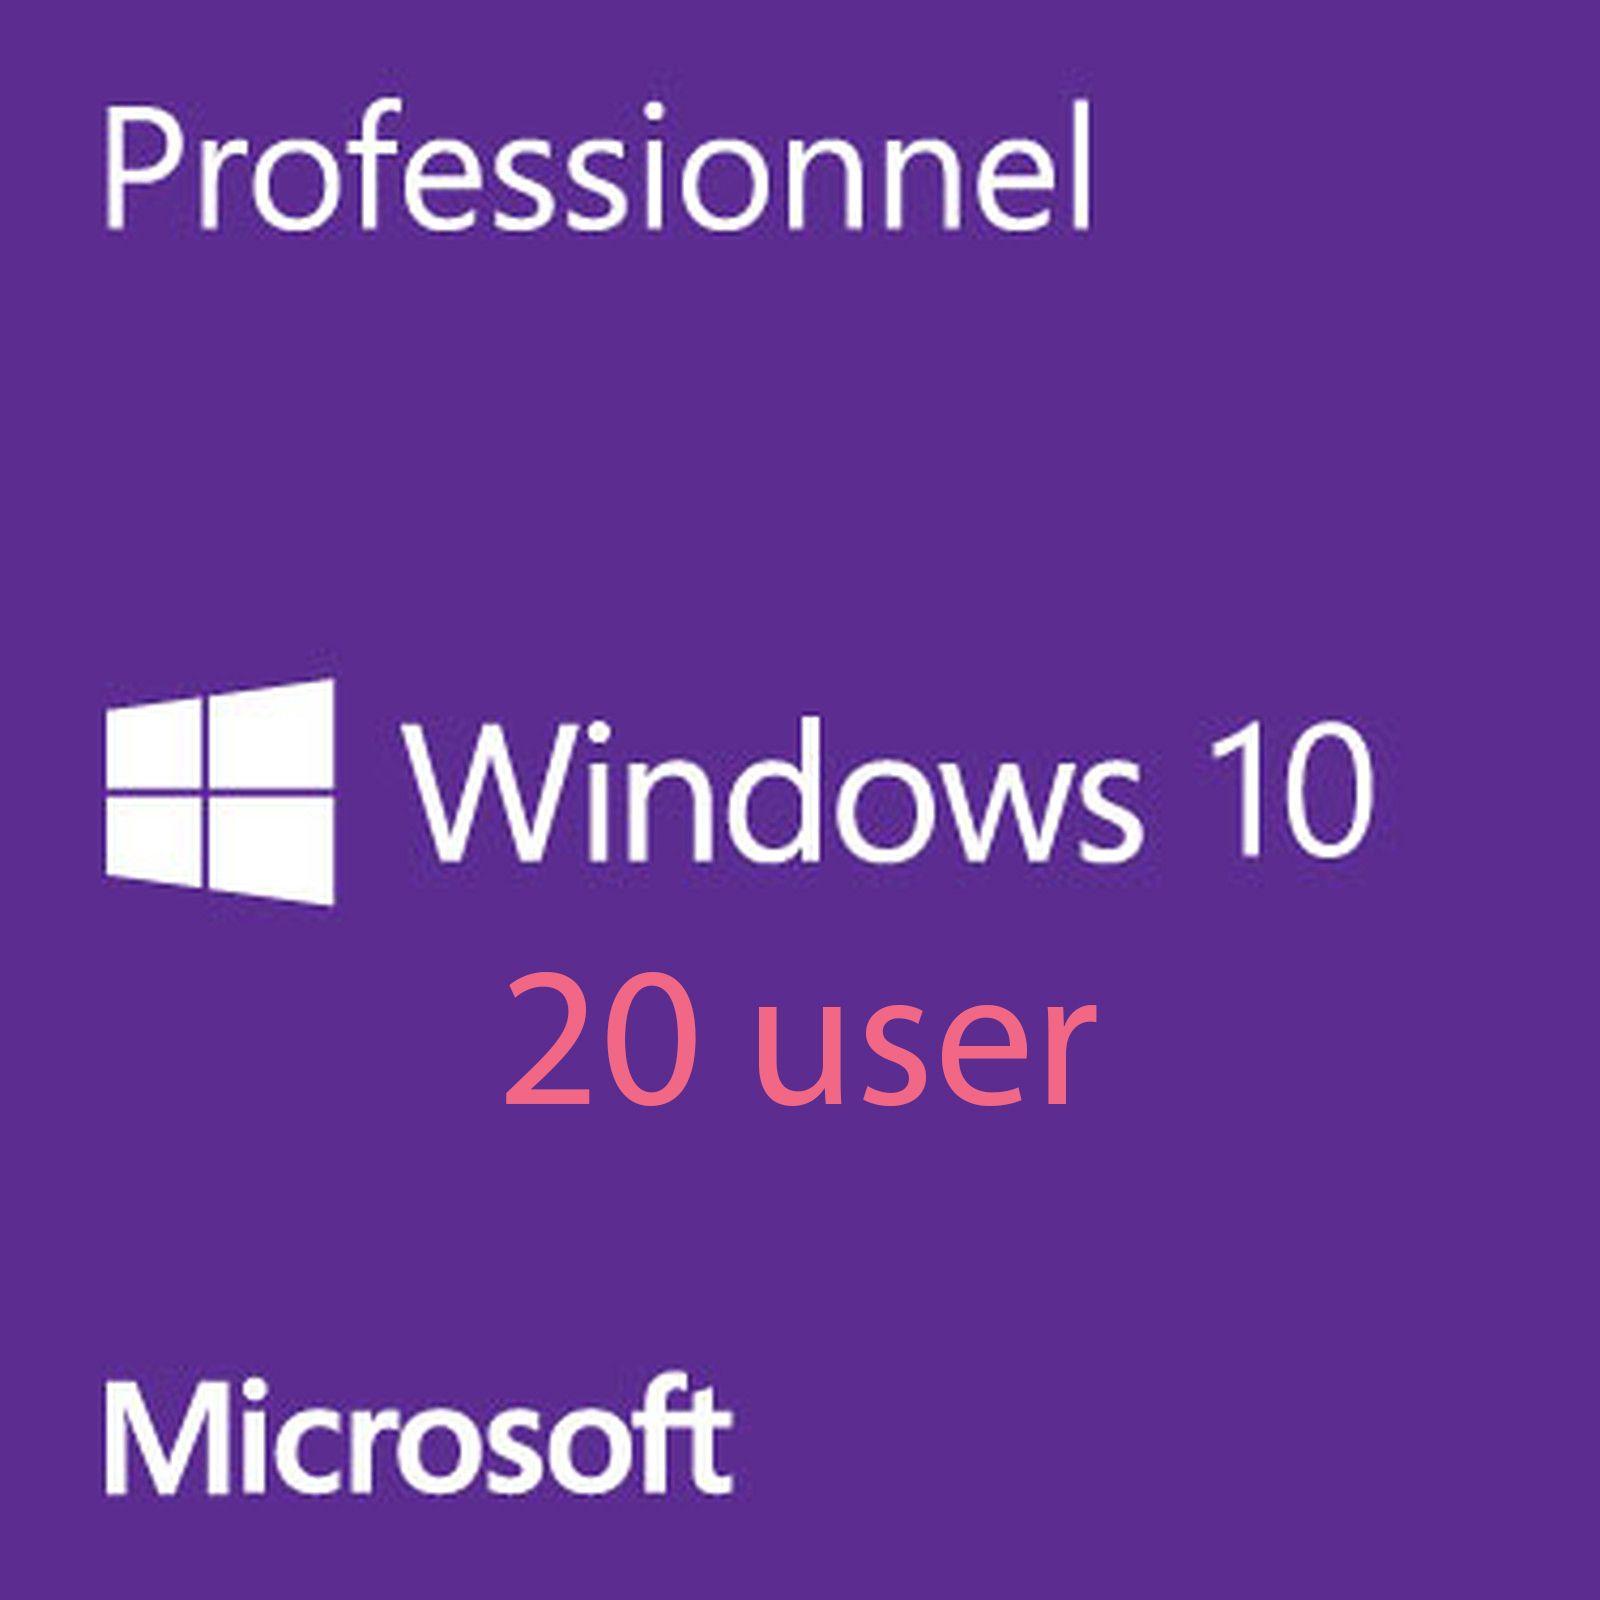 59b04b7b74808cf55c43162ef6b4d53a - How To Get A Product Key For Windows 10 Pro